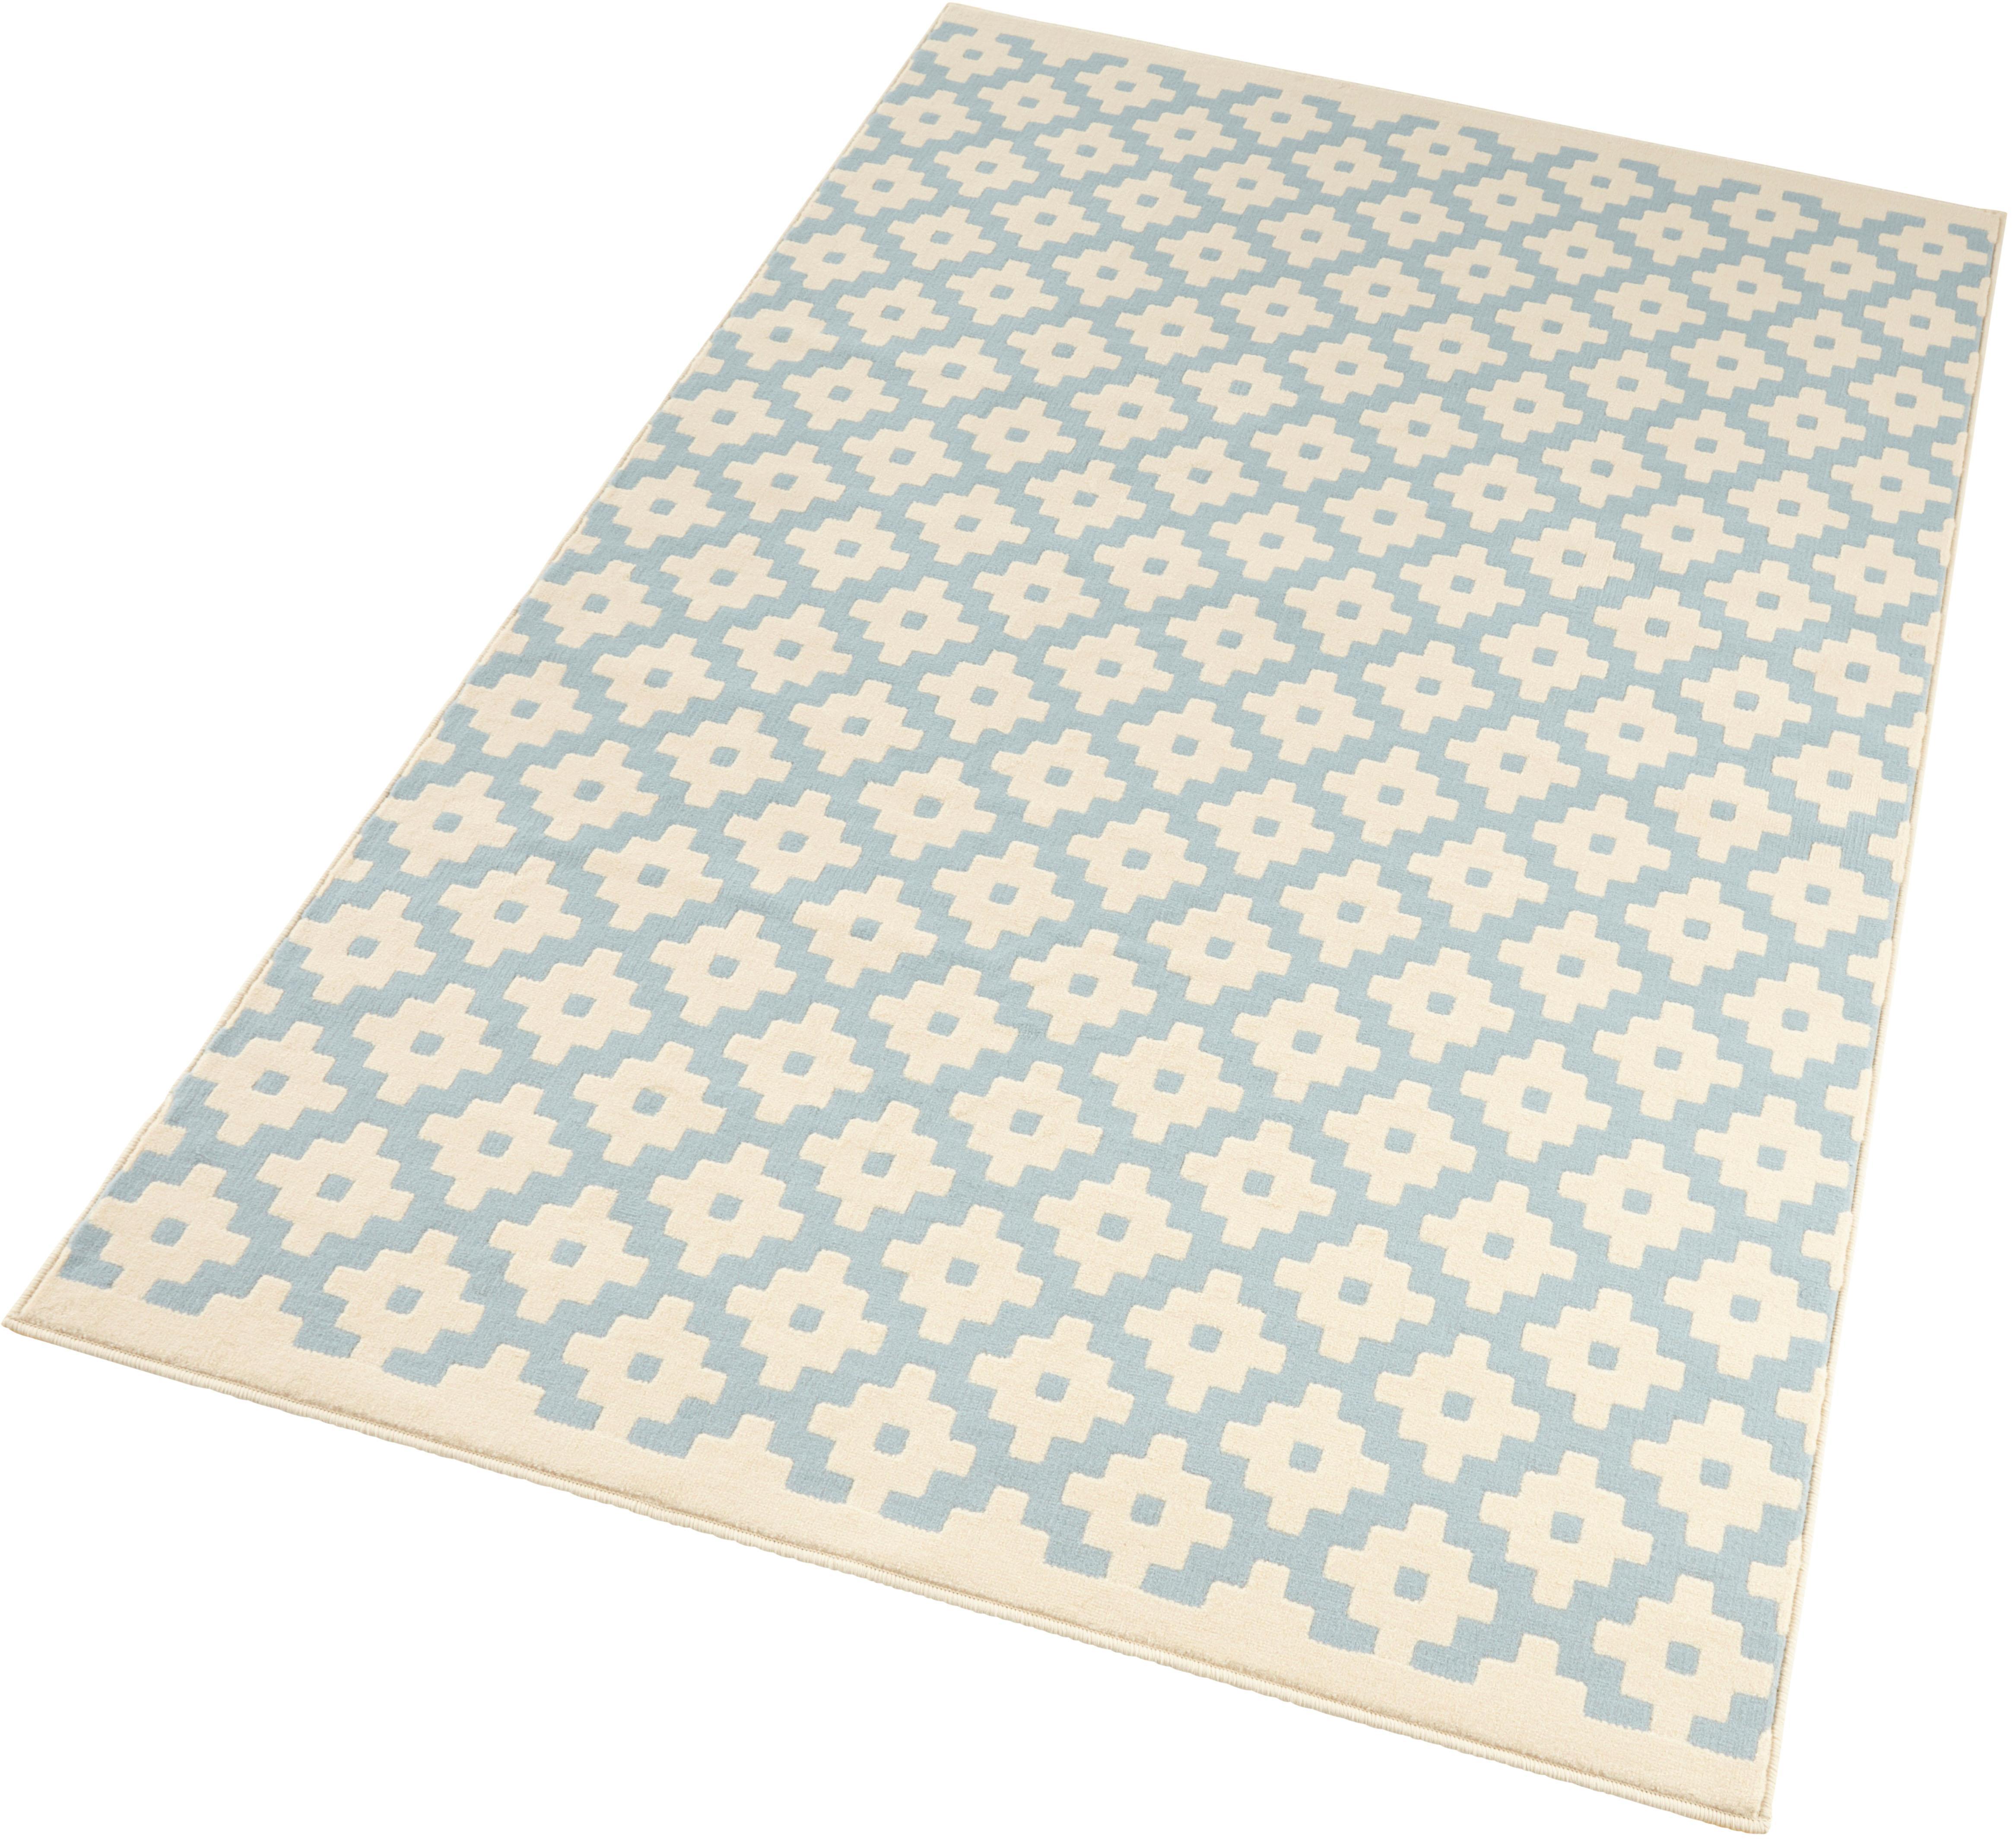 Teppich Lattice HANSE Home rechteckig Höhe 9 mm maschinell gewebt